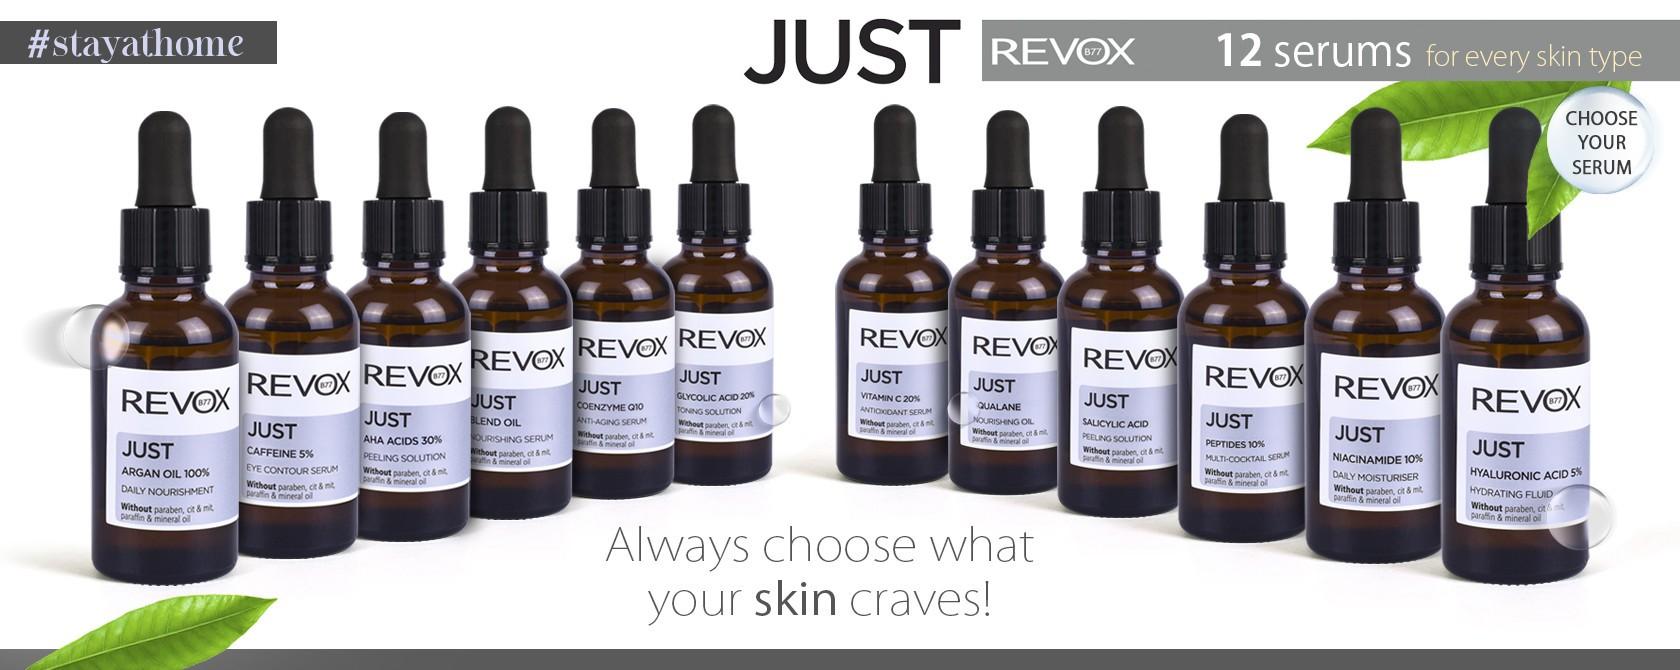 x Just Revox Serumi